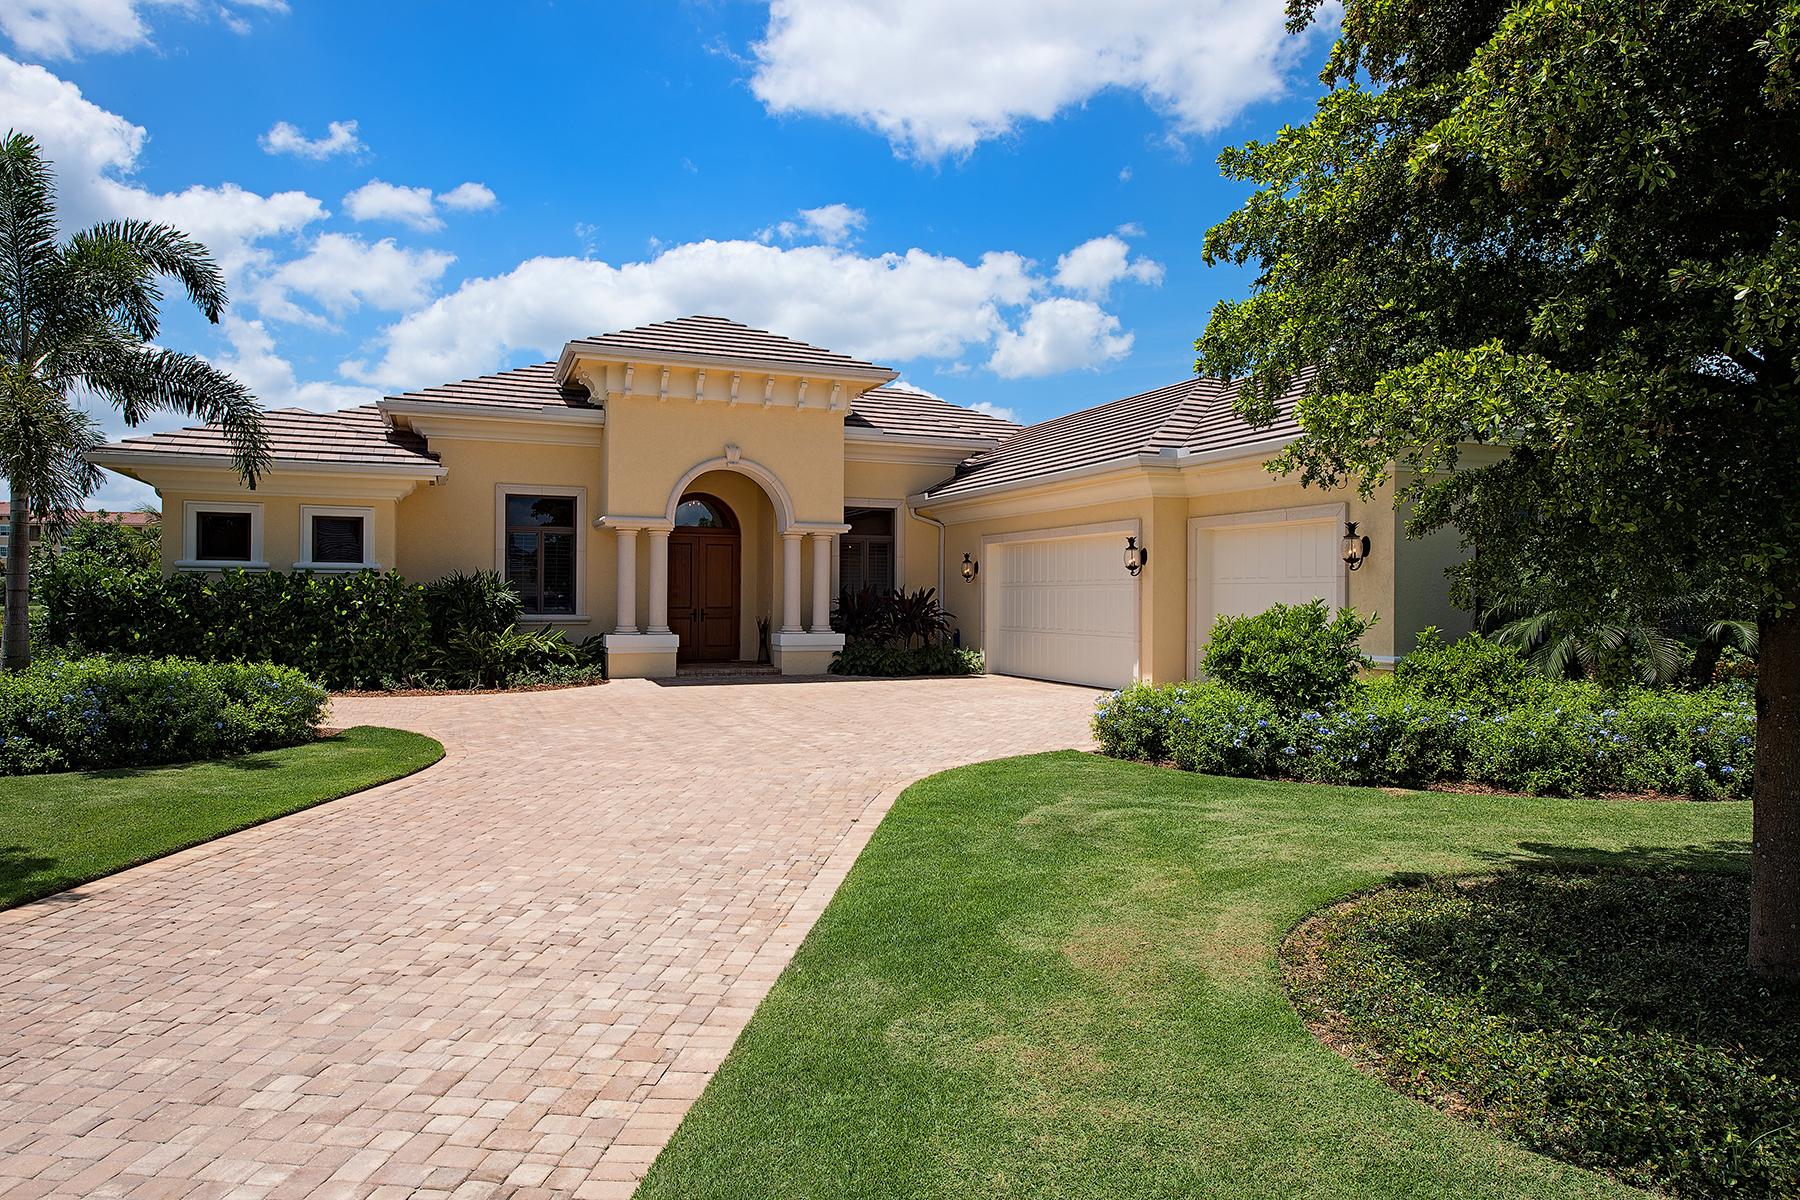 단독 가정 주택 용 매매 에 TIBURON - MARSALA 14439 Marsala Way Naples, 플로리다 34109 미국